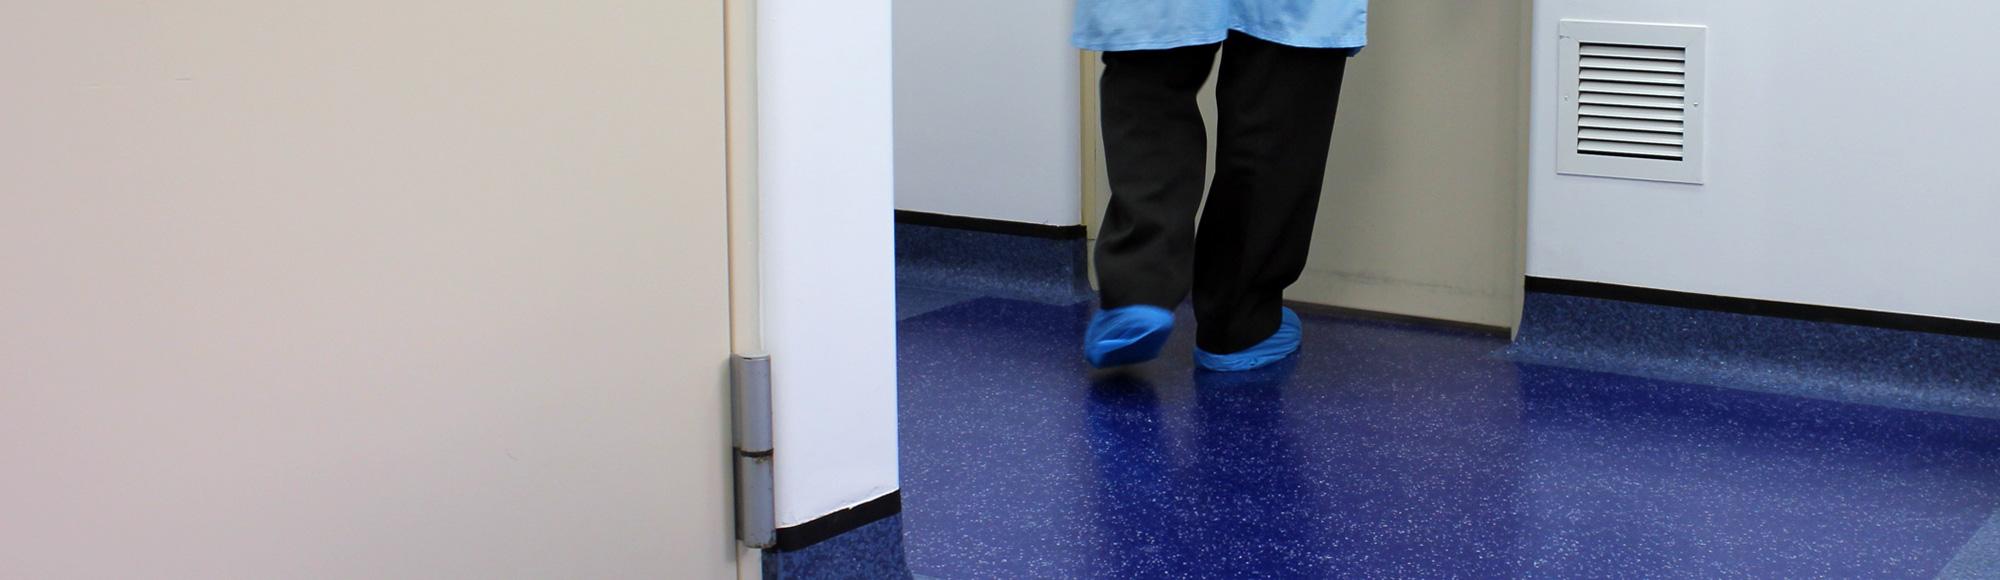 Decontamination Floor Mats for Biomedical Facilities 5